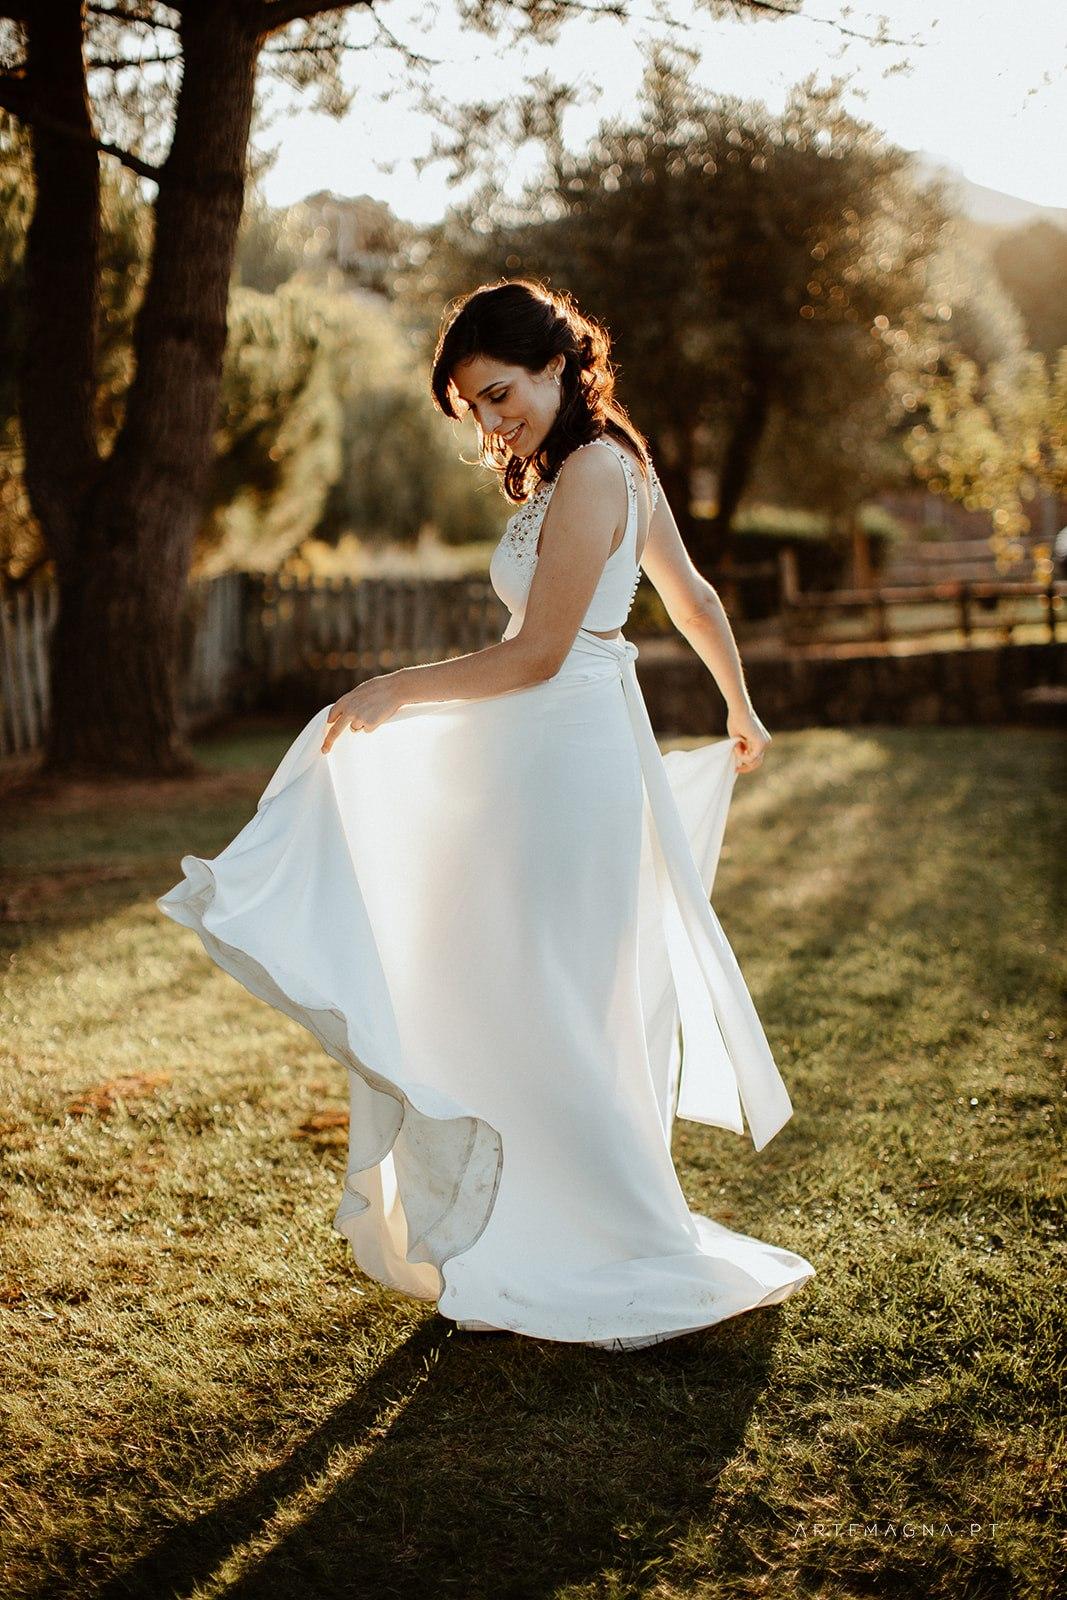 Noivas Reais e Inspiração 561 Joana Joa  o